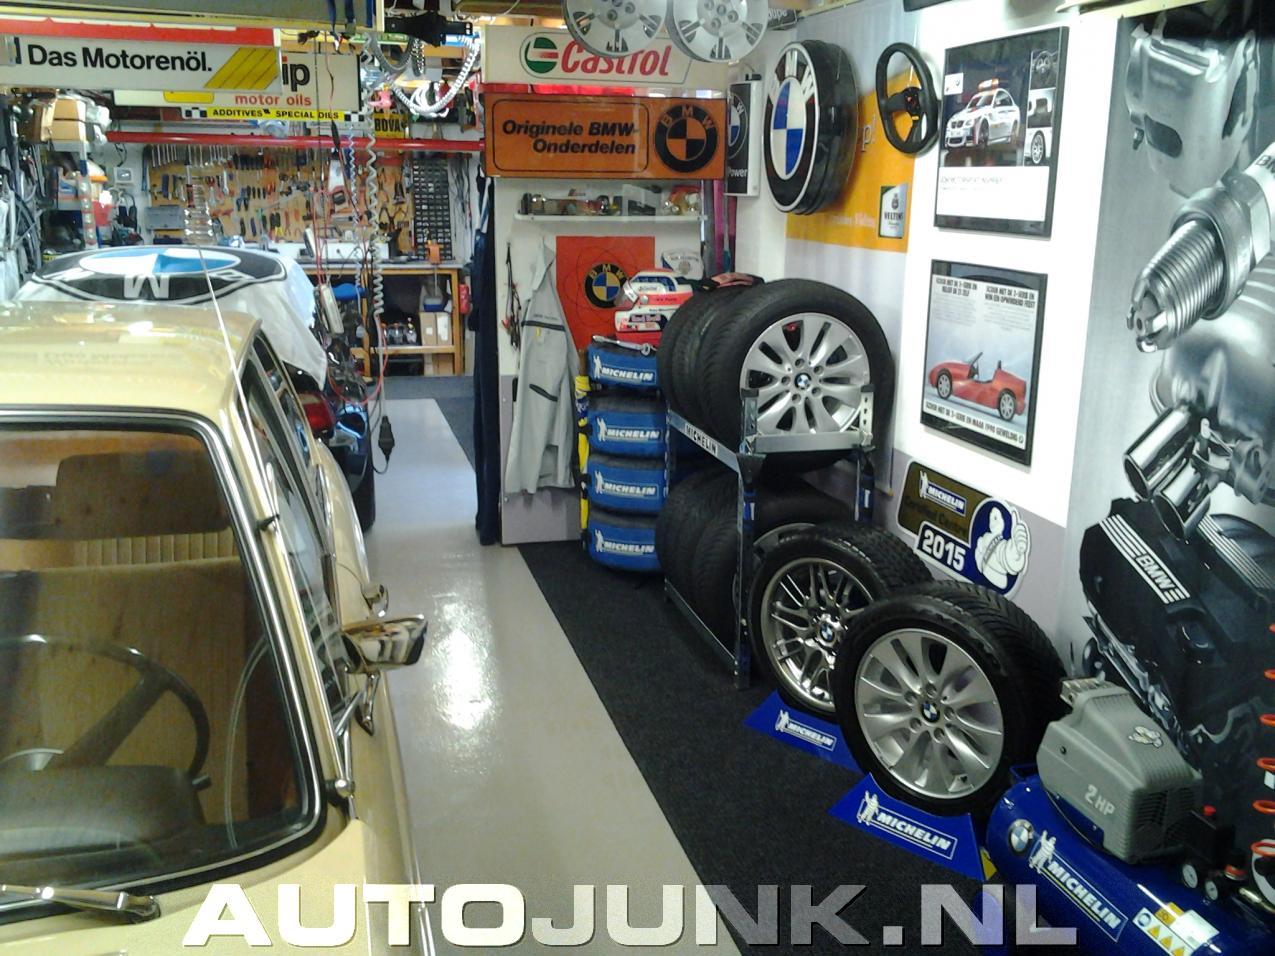 Mijn Garage Nl : Sfeerplaat van mijn garage foto s autojunk